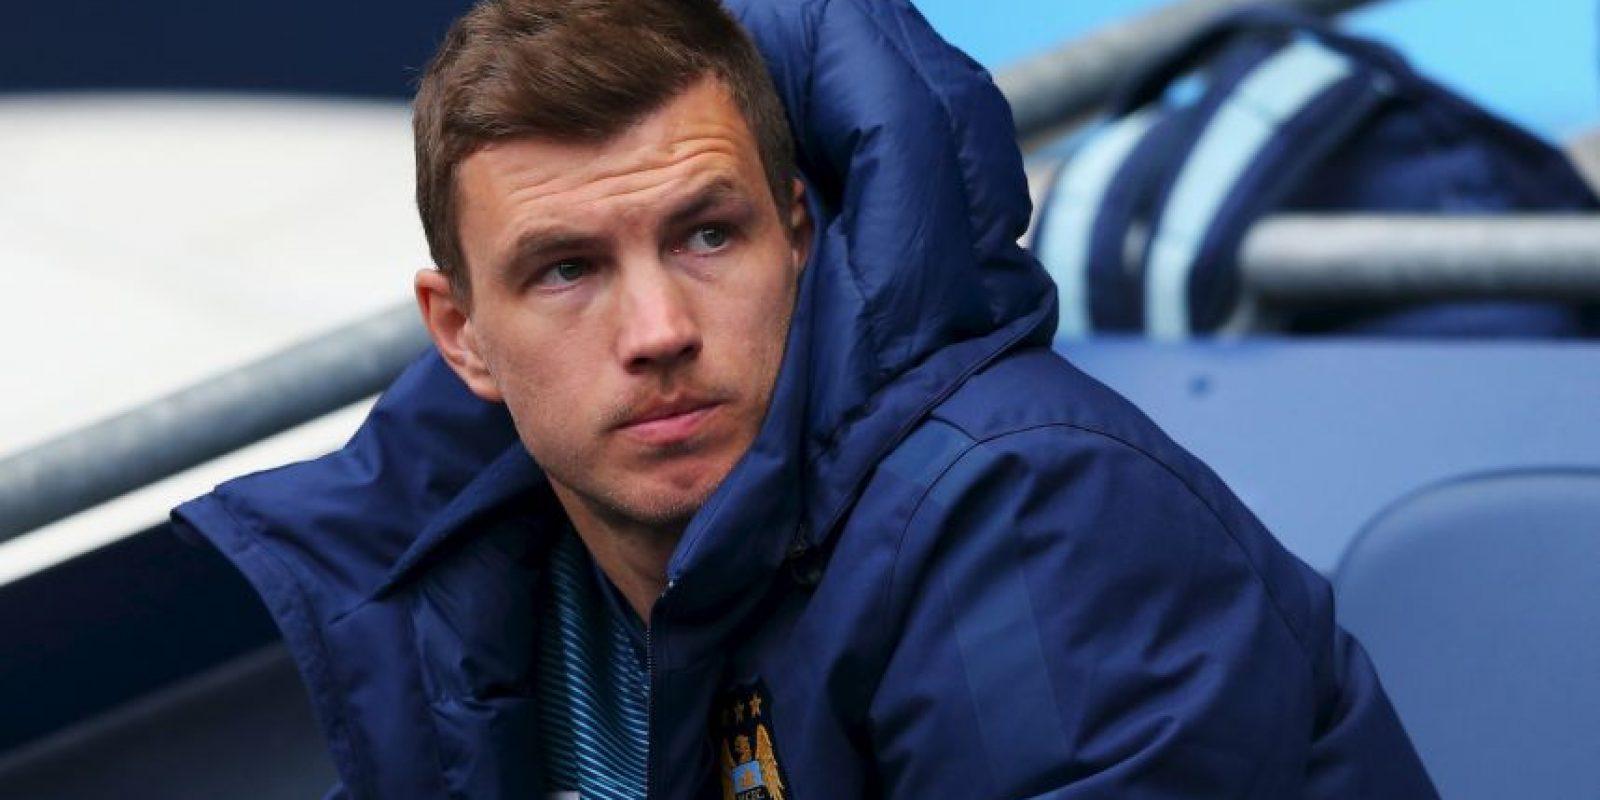 El bosnio, delantero del Manchester City tiene 6 goles. Foto:Getty Images